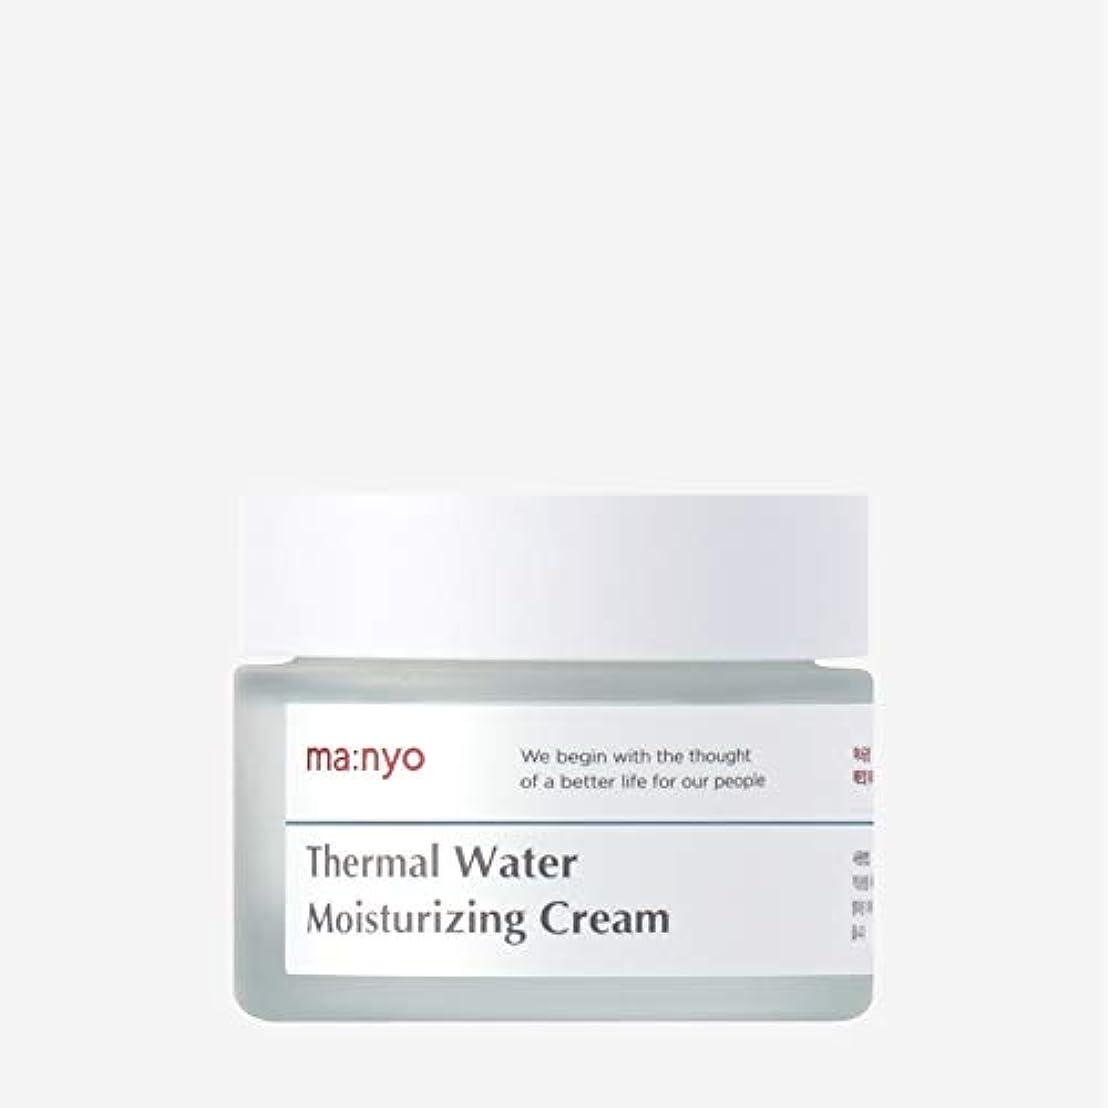 ヒール宿題口魔女工場(Manyo Factory) 温泉水ミネラルクリーム 50ml / 天然ミネラル、チェコ温泉水67%で保湿補充